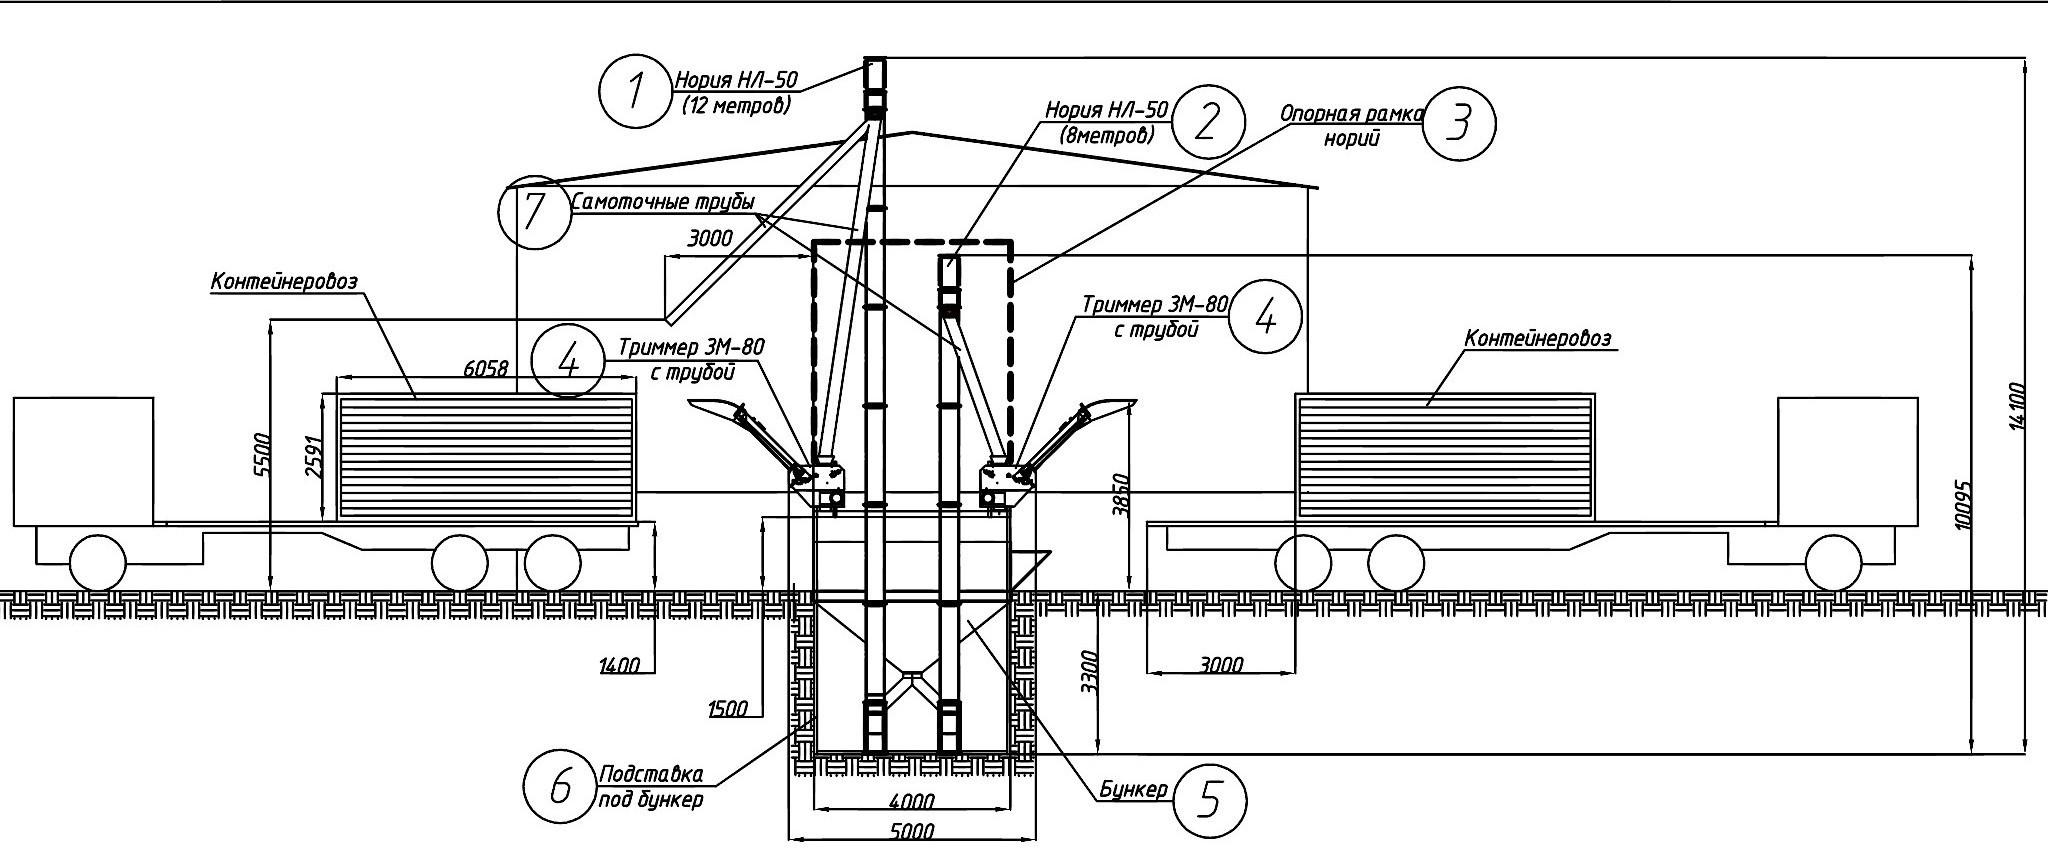 Схема узла для погрузки контейнеров